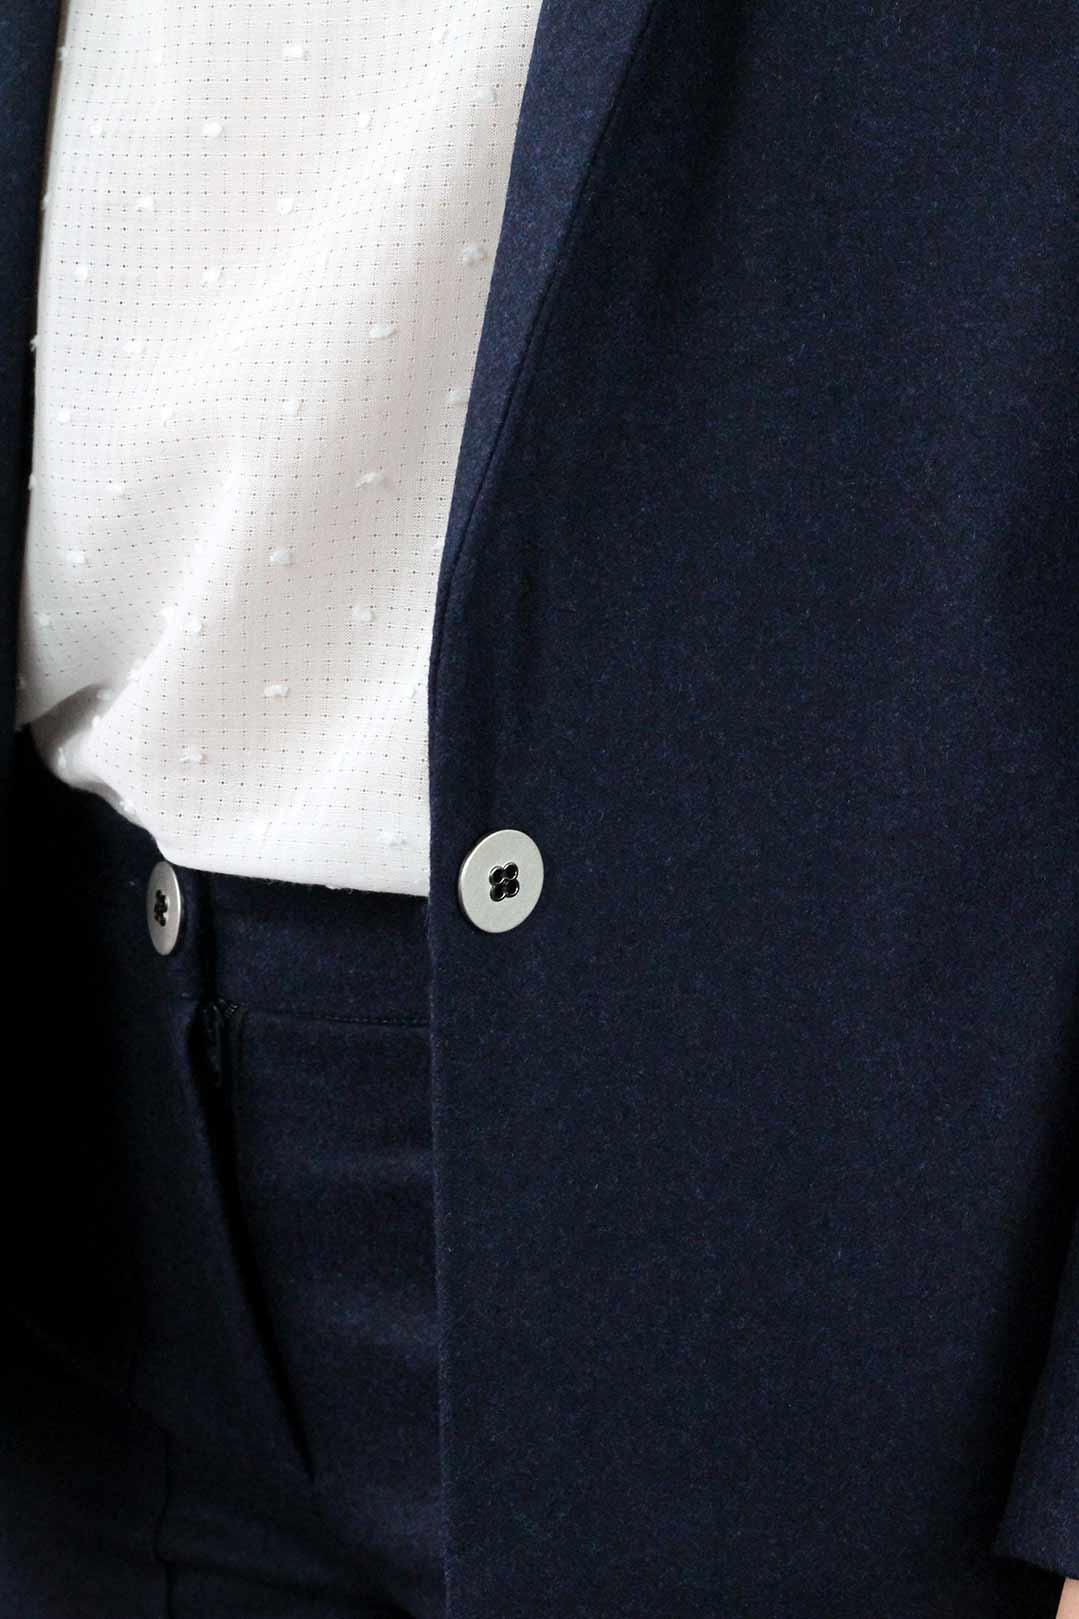 tailleur femme bleu marine veste tailleur pour femme sans boutons bleu marine tailleur femme. Black Bedroom Furniture Sets. Home Design Ideas